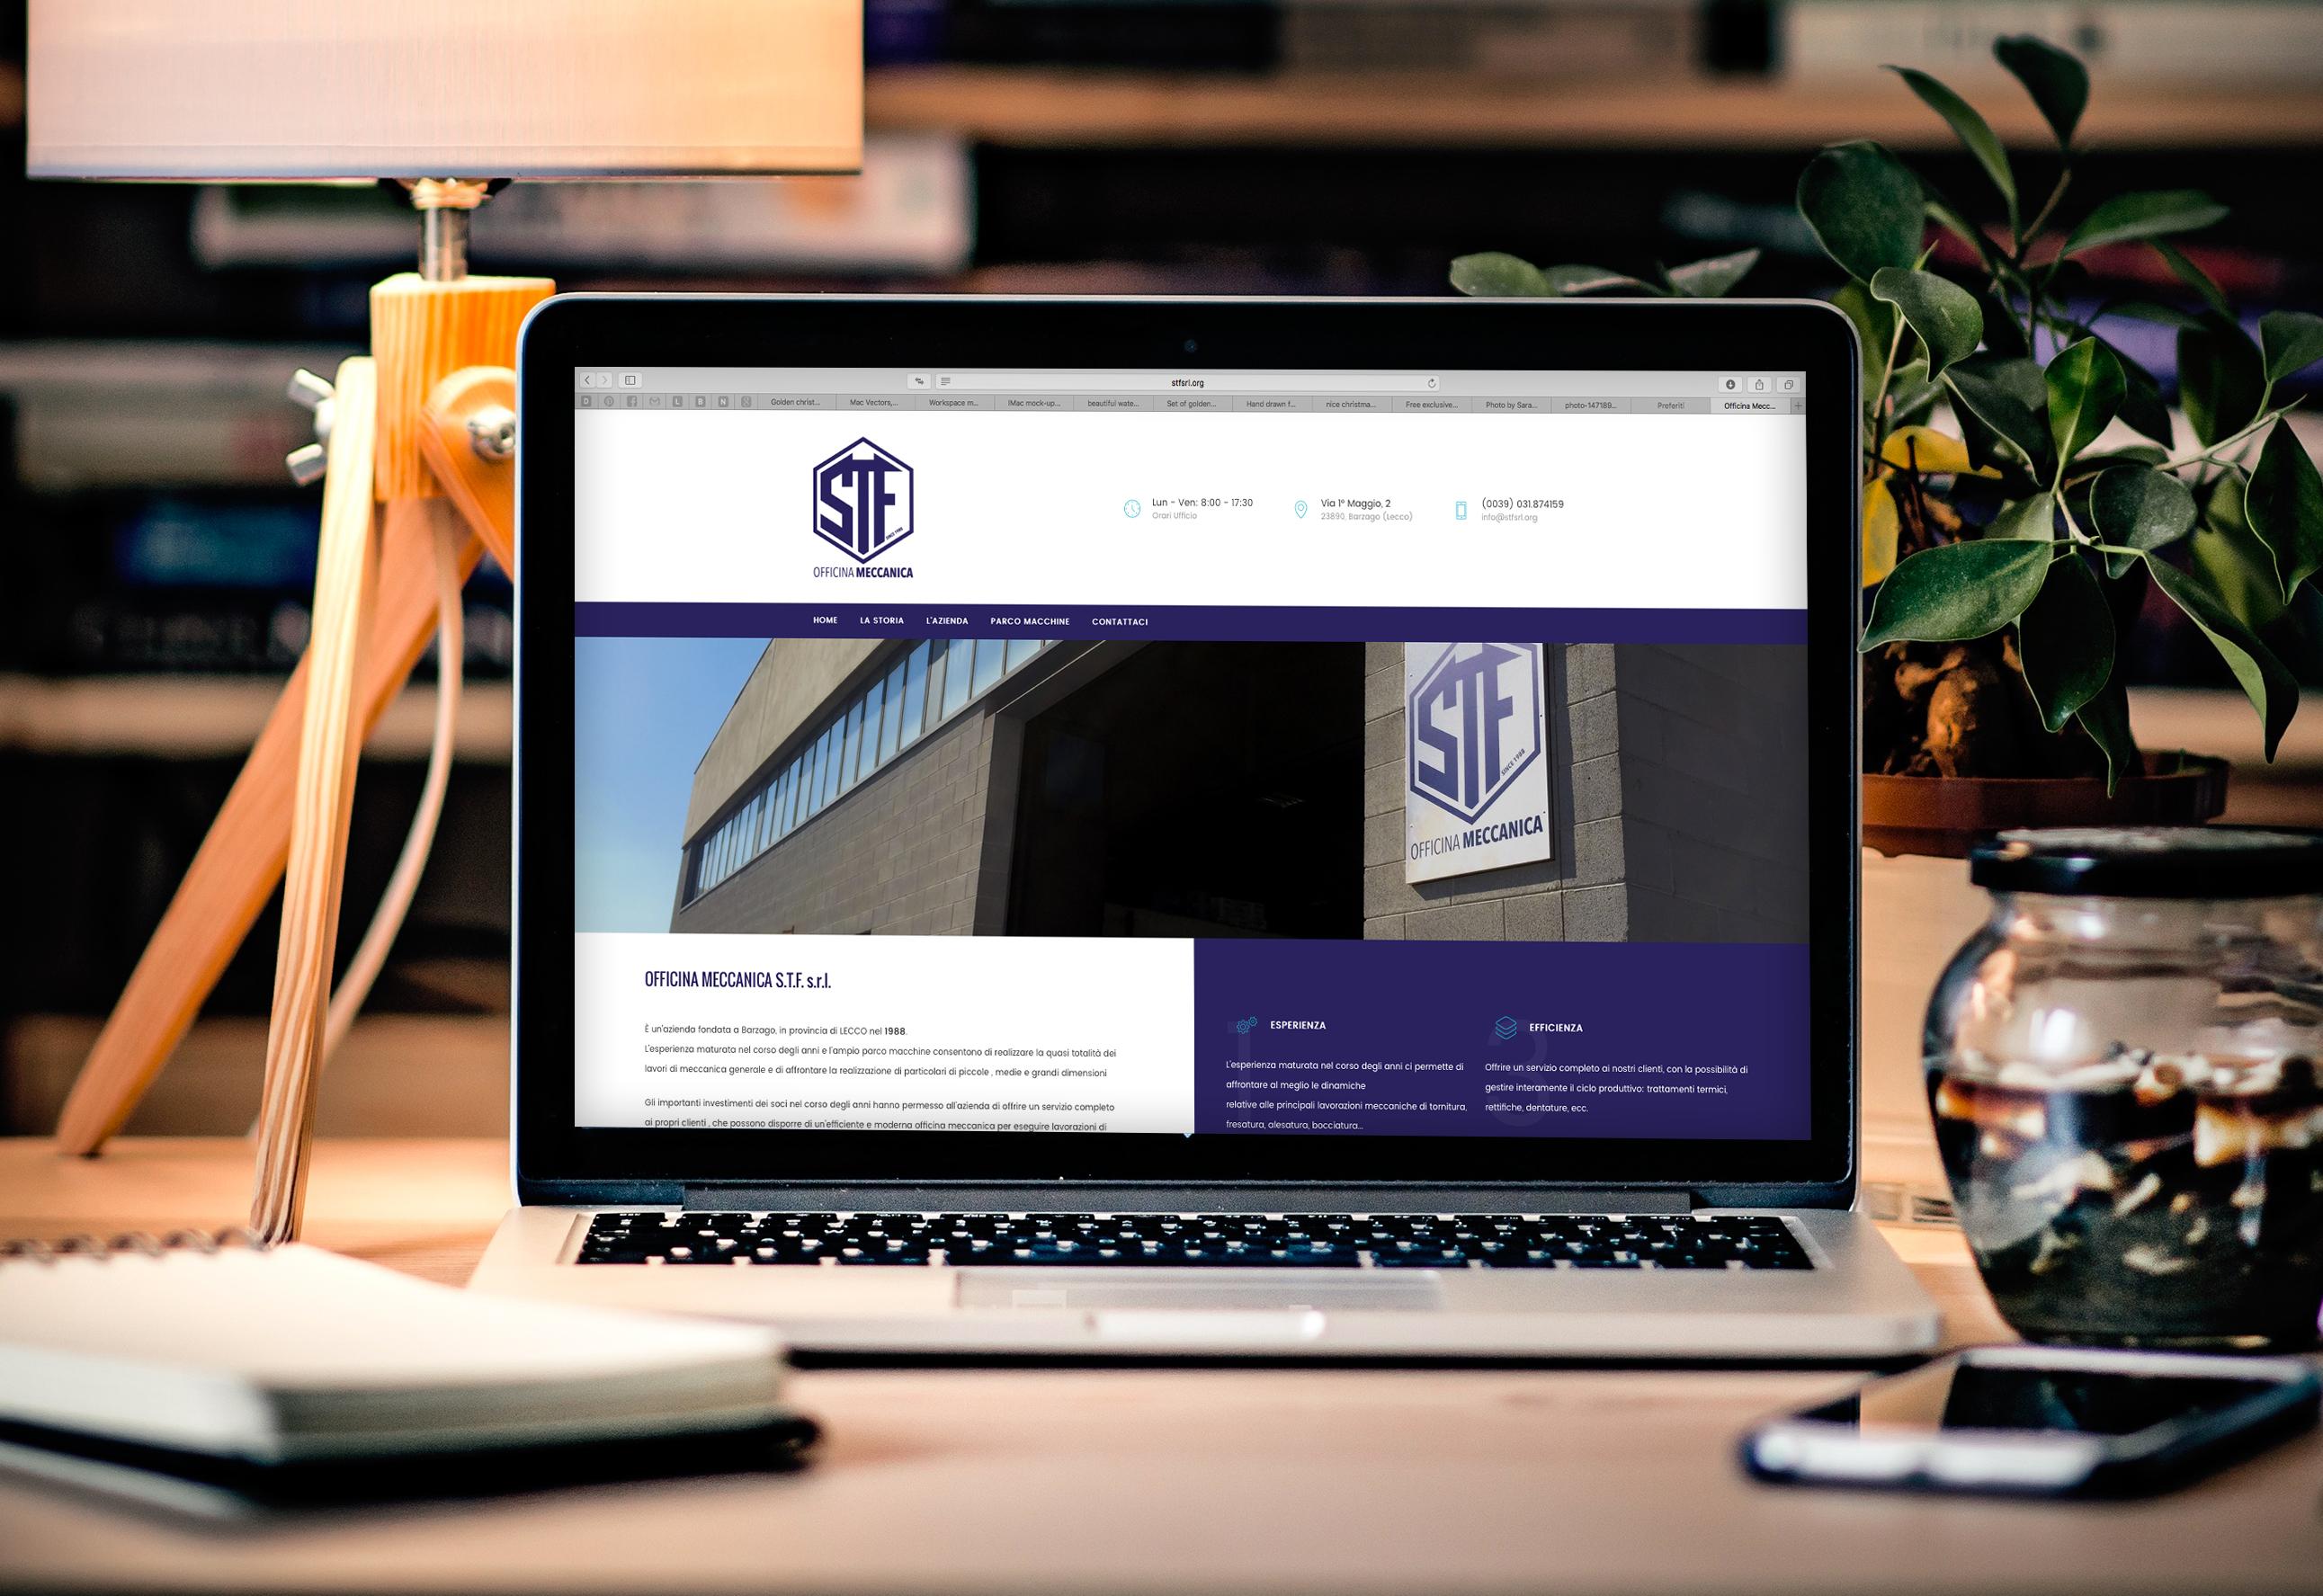 Agenzia Web e Graphic Design | Lilium Studios_Stf_sito